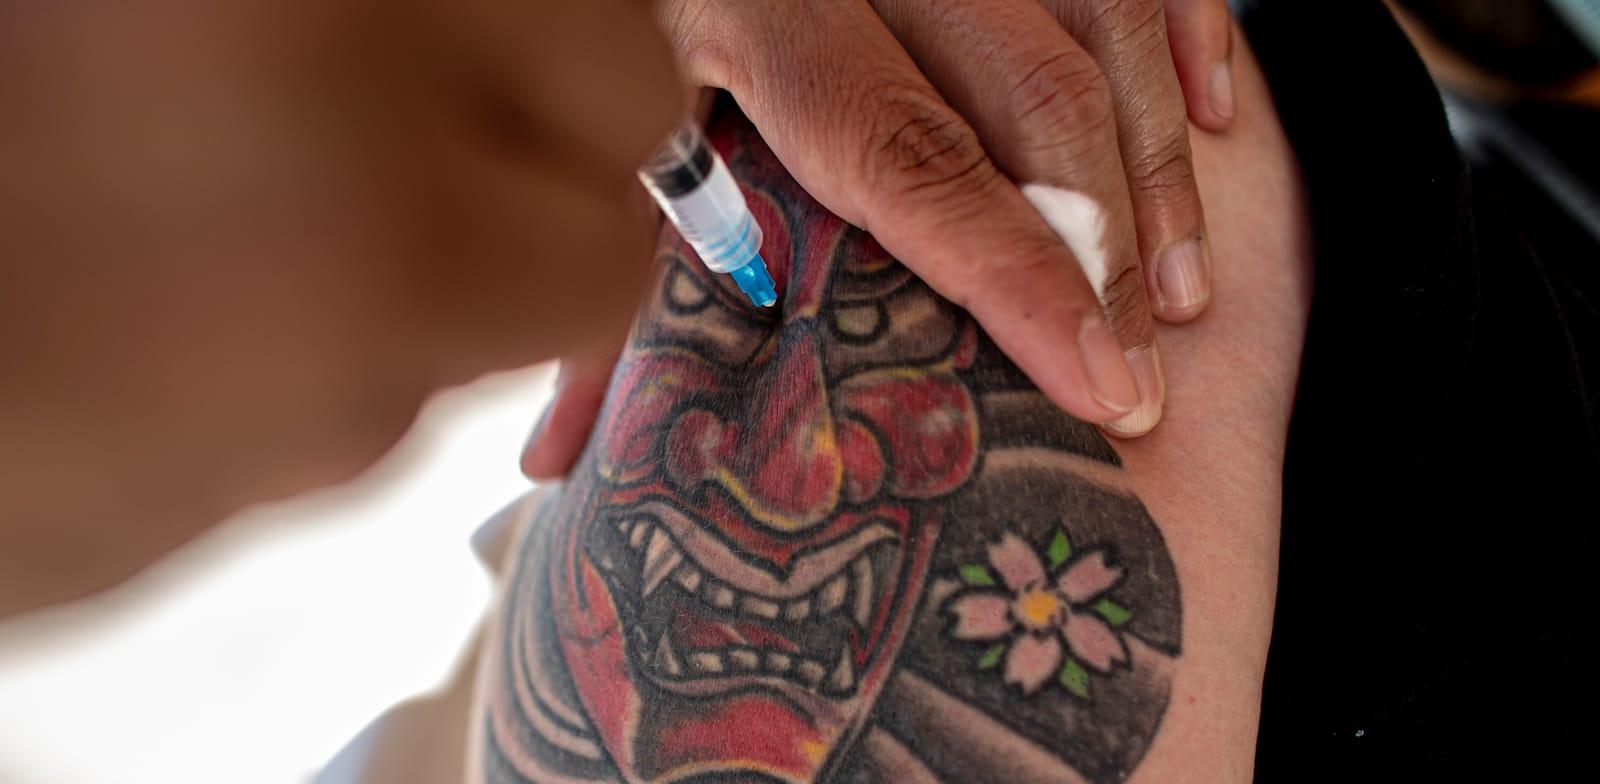 אדם בצ'ילה מקבל את המנה השנייה של החיסון נגד קורונה של סינובאק / צילום: Associated Press, Esteban Felix